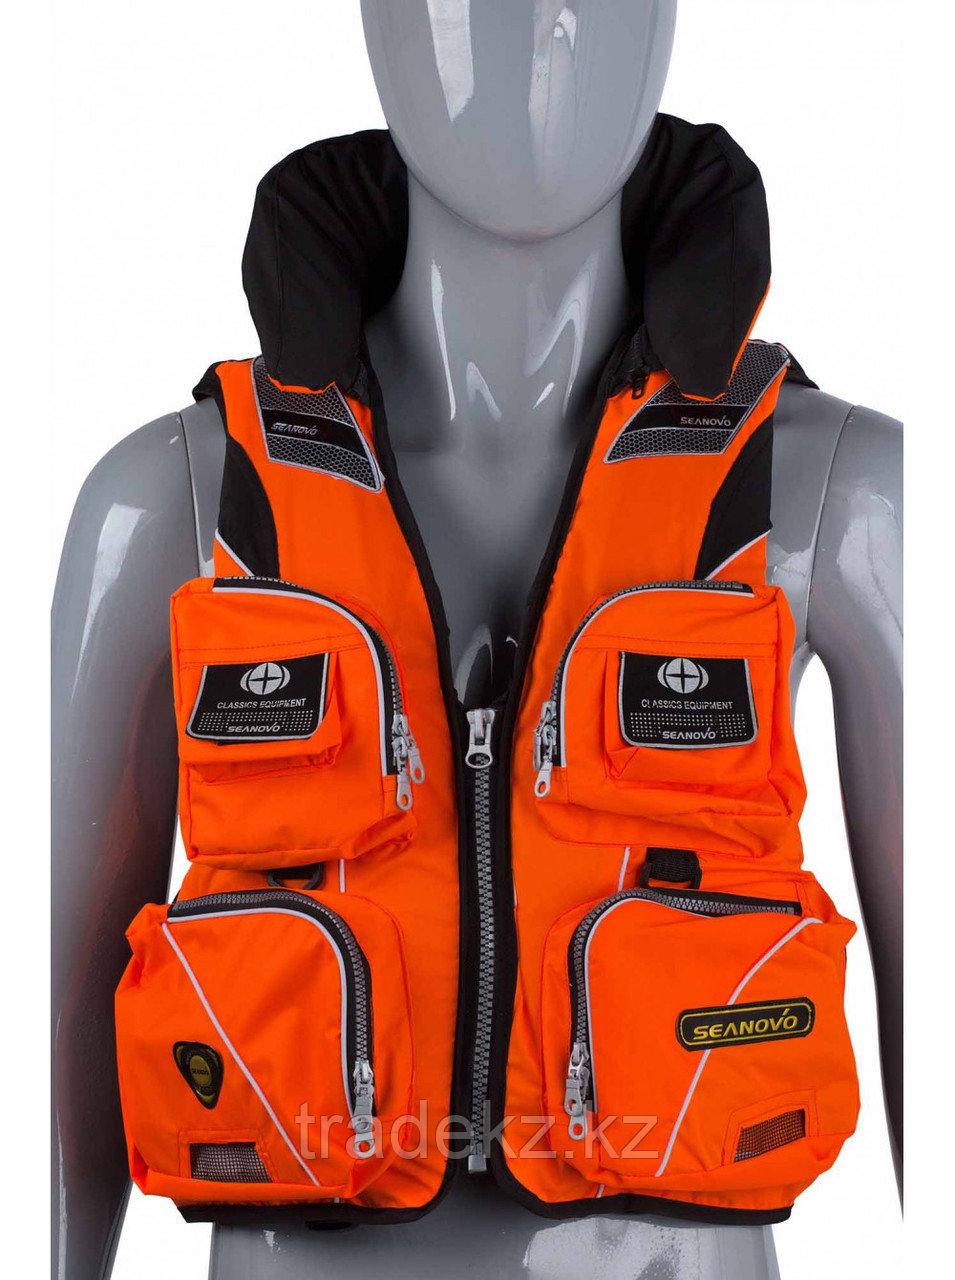 Жилет спасательный SEANOVO SJ11, оранжевый, накладные карманы, размер XXL (54-56)